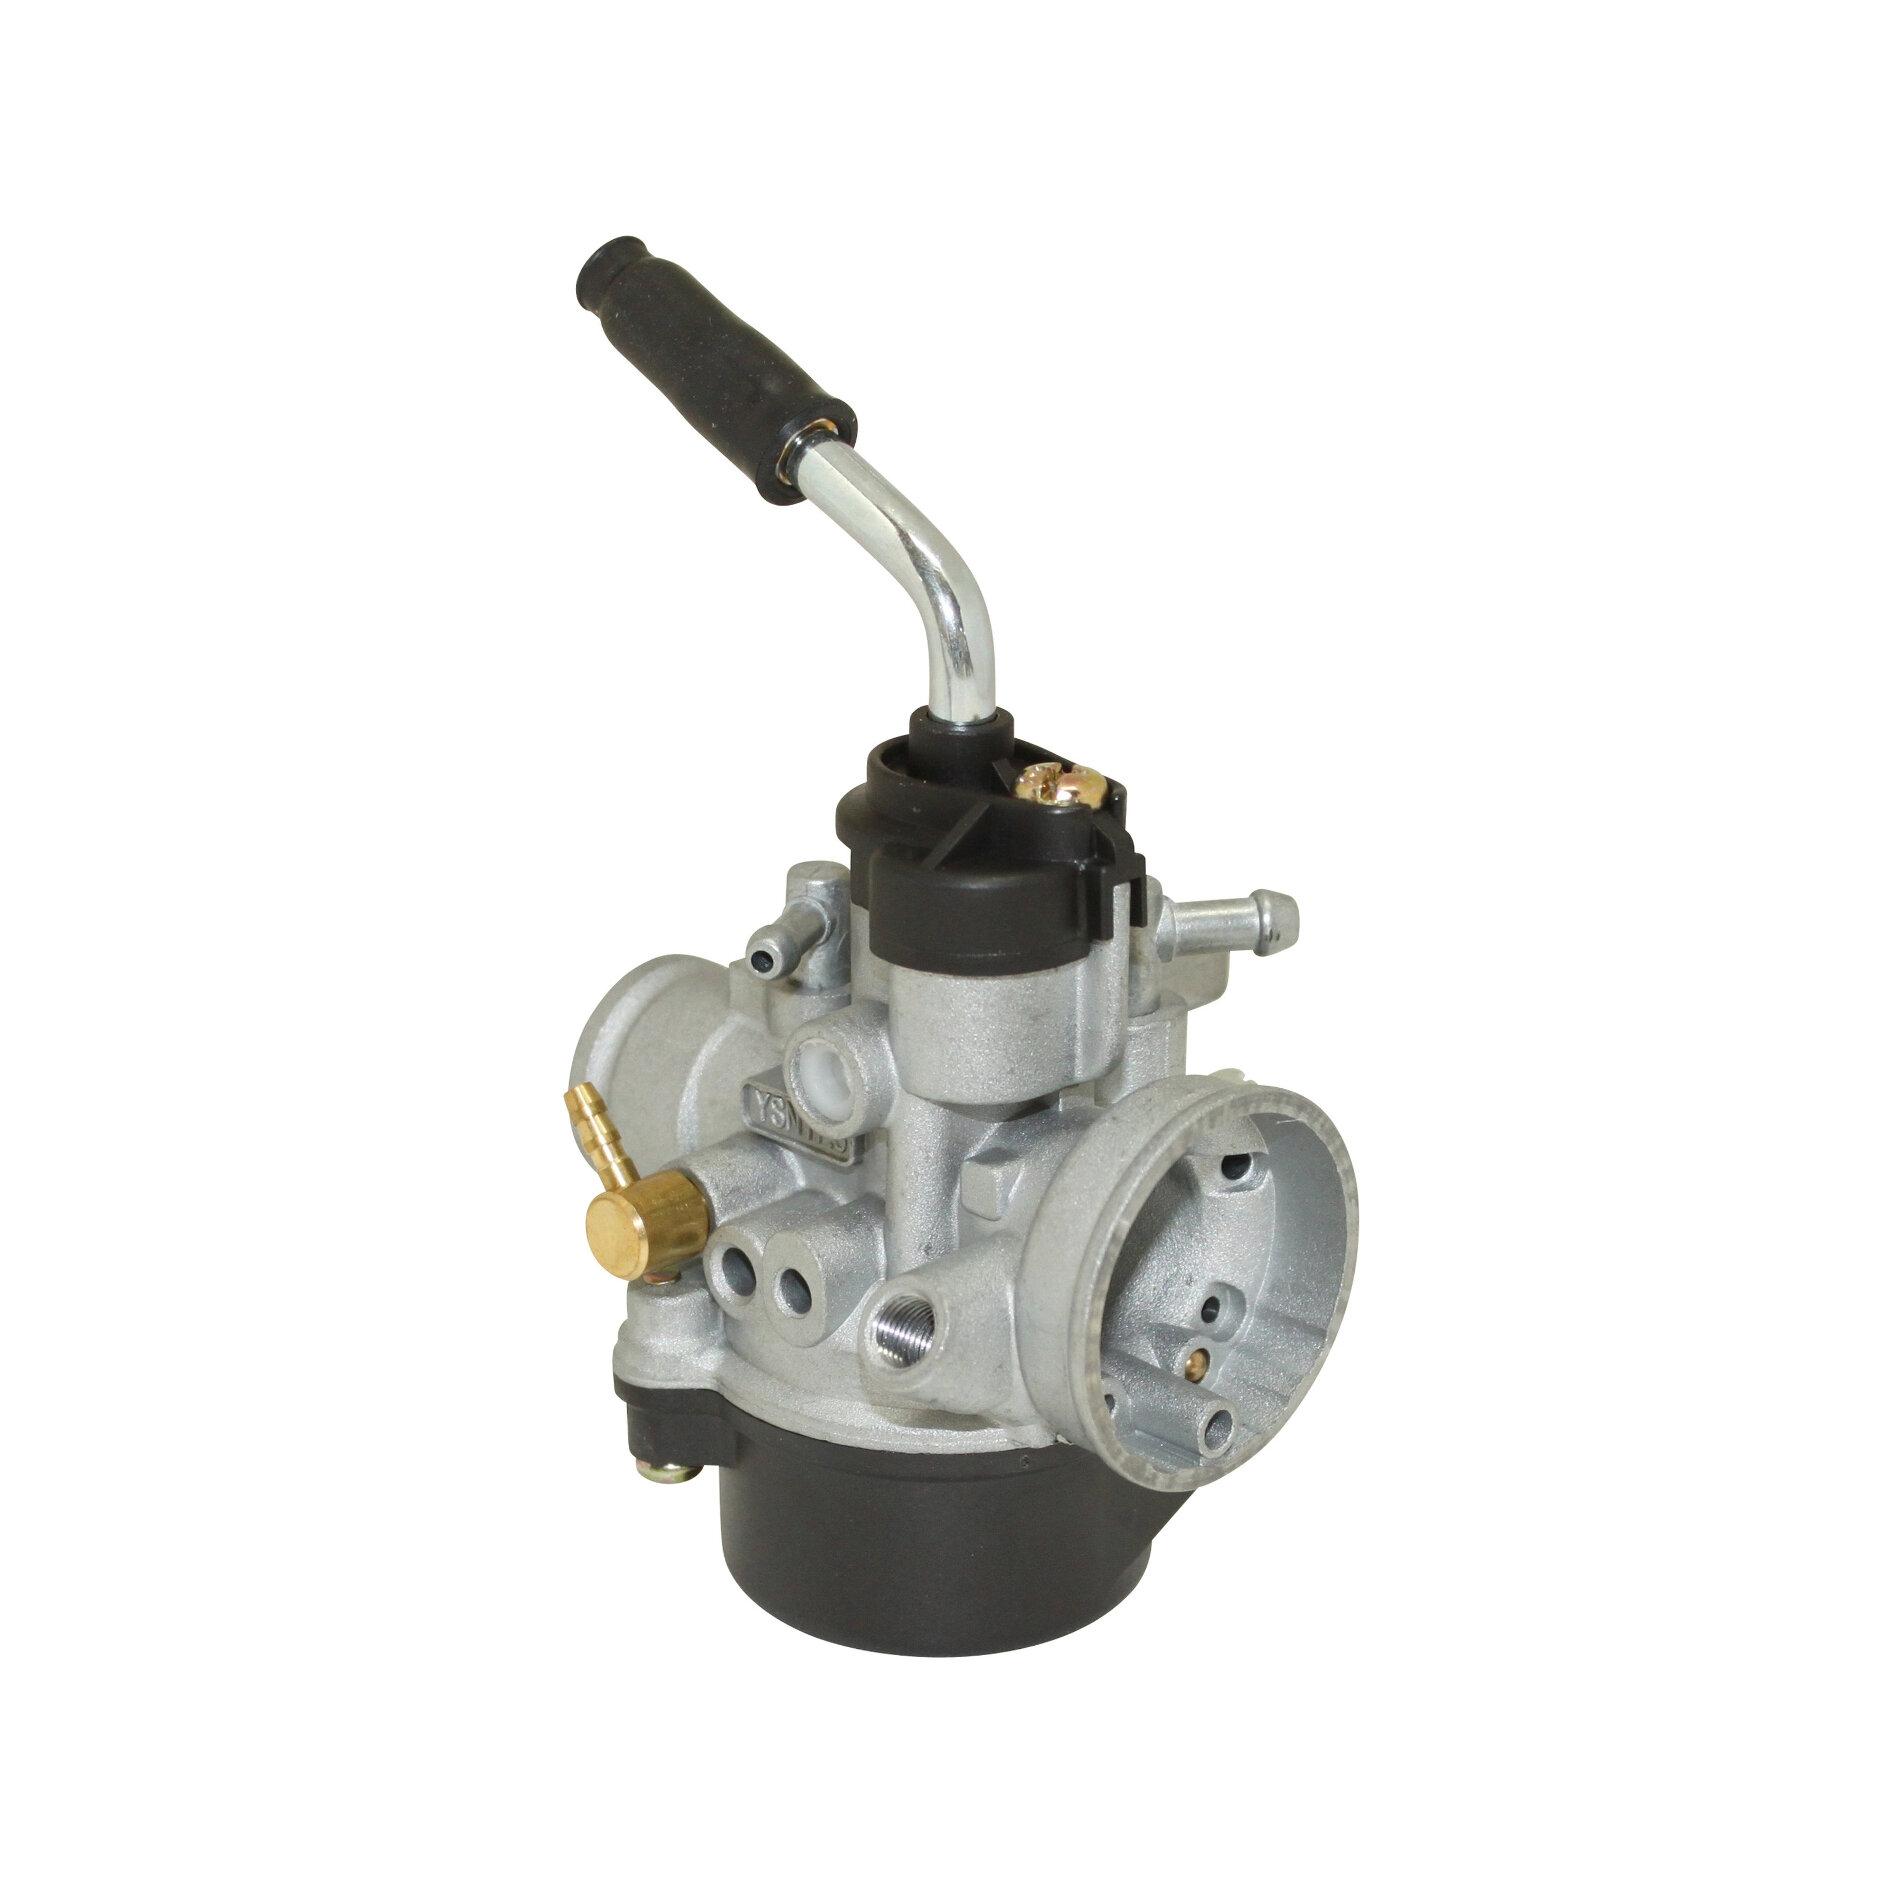 Carburateur 1Tek D.17,5 pour Piaggio Typhoon/nrg